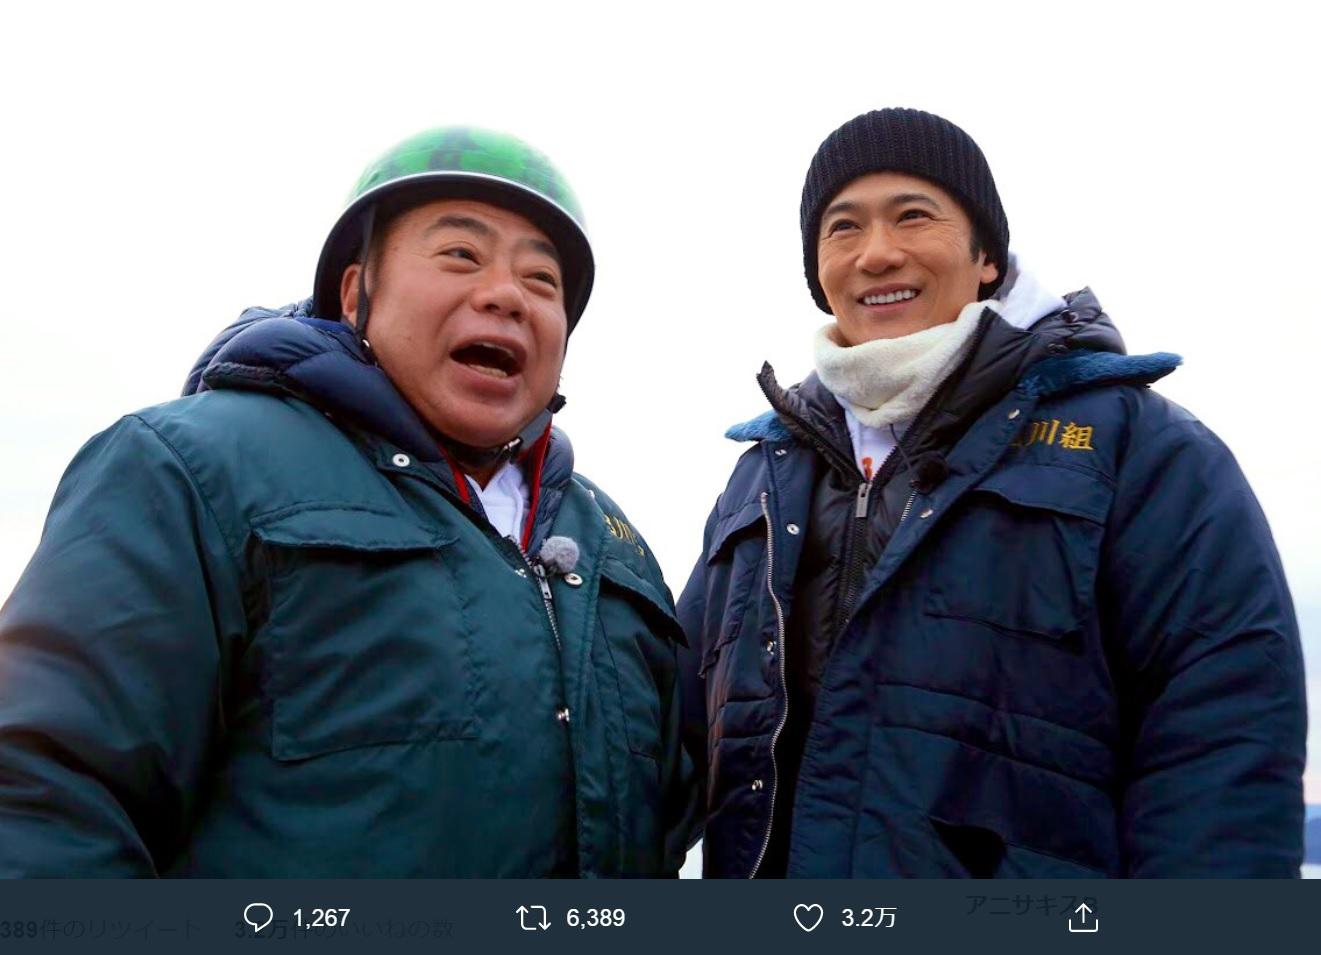 出川哲朗と稲垣吾郎(画像は『出川哲朗の充電させてもらえませんか? 2020年1月2日付Twitter「#出川哲朗の充電させてくれませんか 新春3時間スペシャルのご視聴ありがとうございましたっ」』のスクリーンショット)